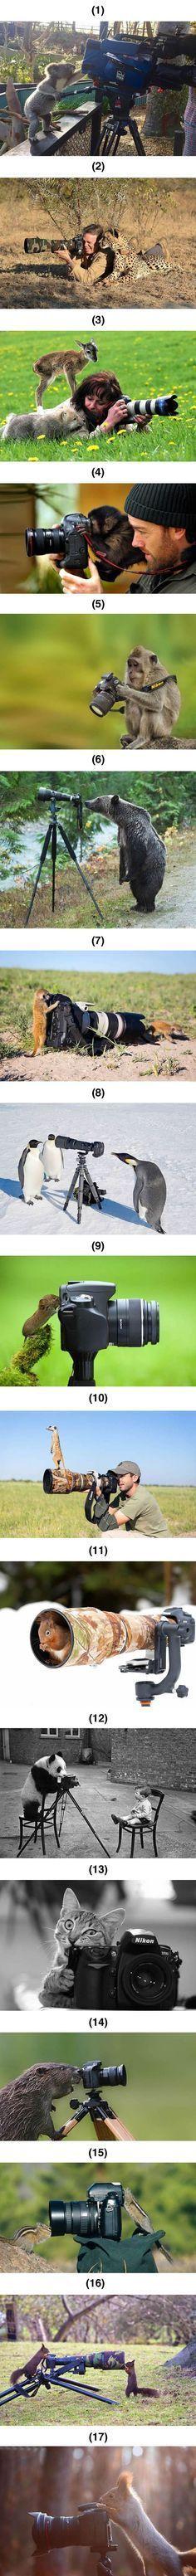 Tiere, die unbedingt Fotografen werden wollen   Webfail - Fail Bilder und Fail Videos